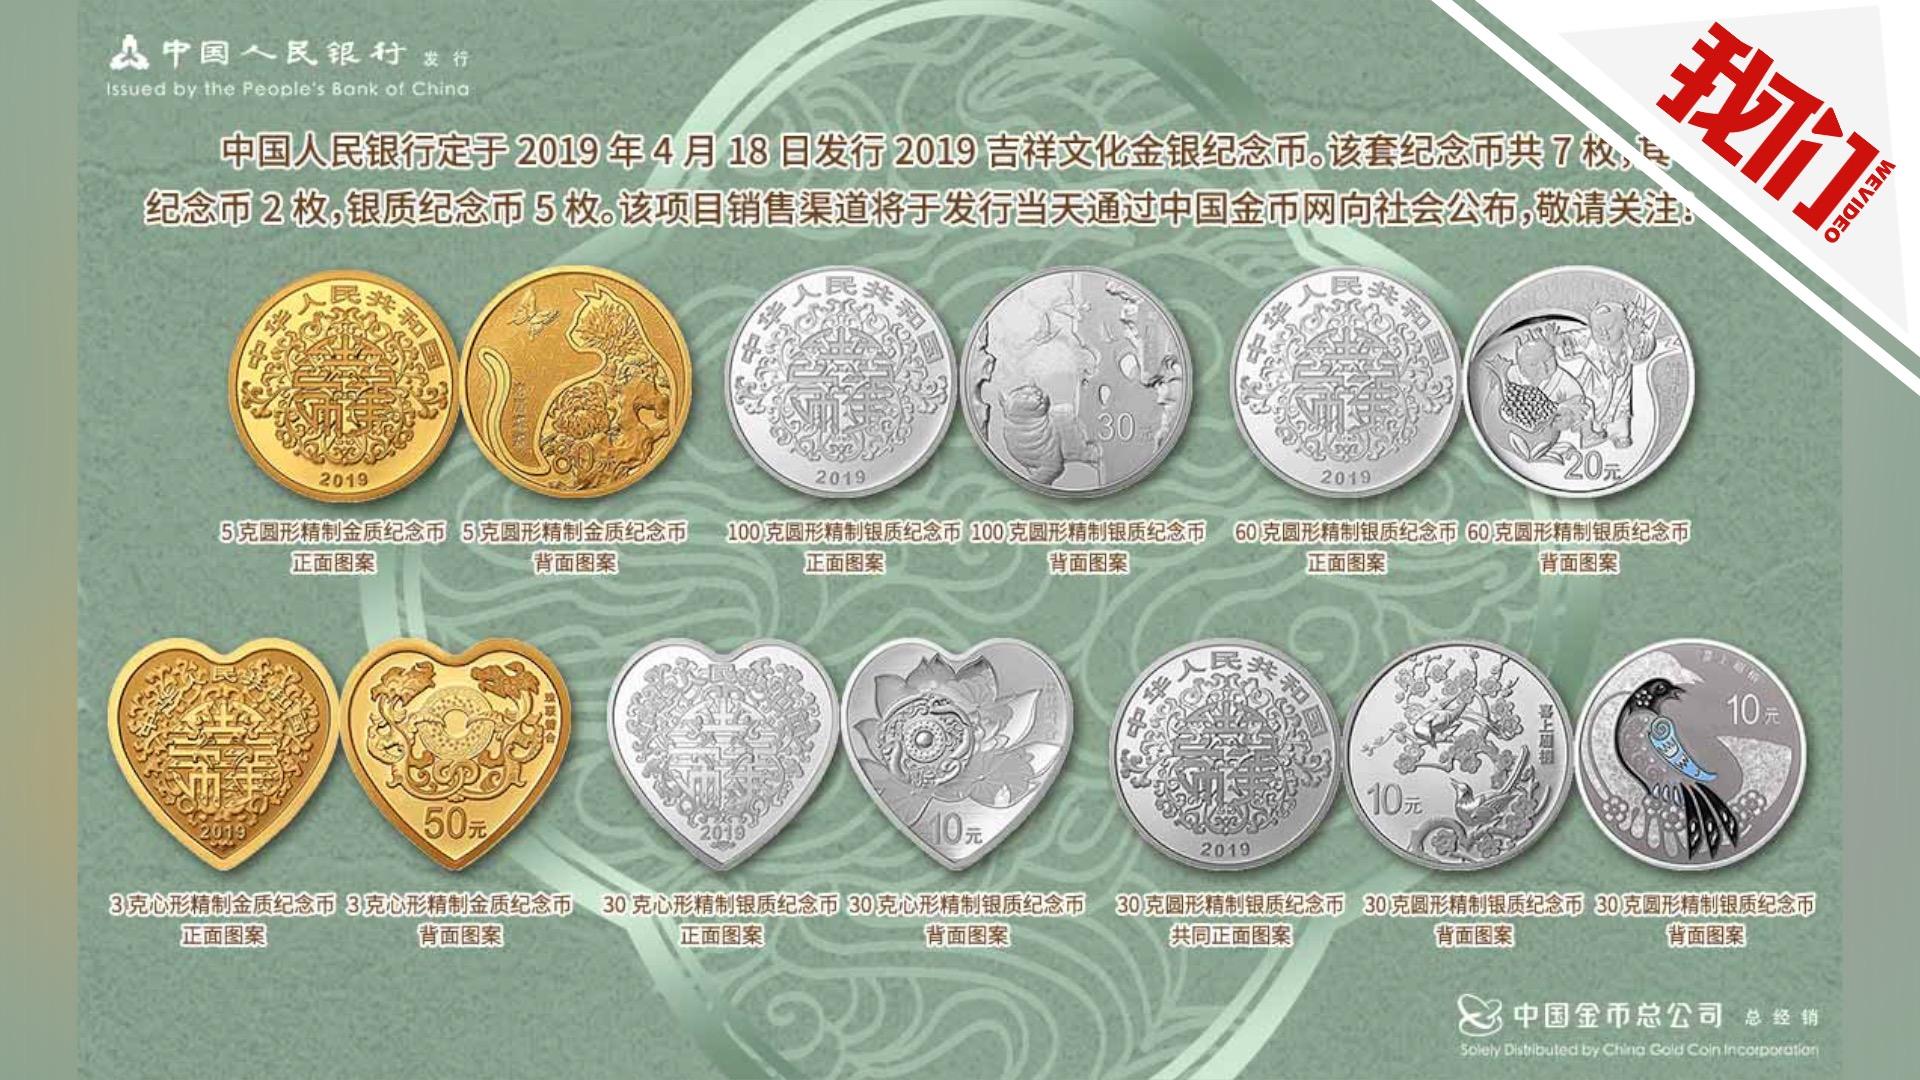 央行心形纪念币如何预约购买?中国人民银行2019年纪念币今日发行!